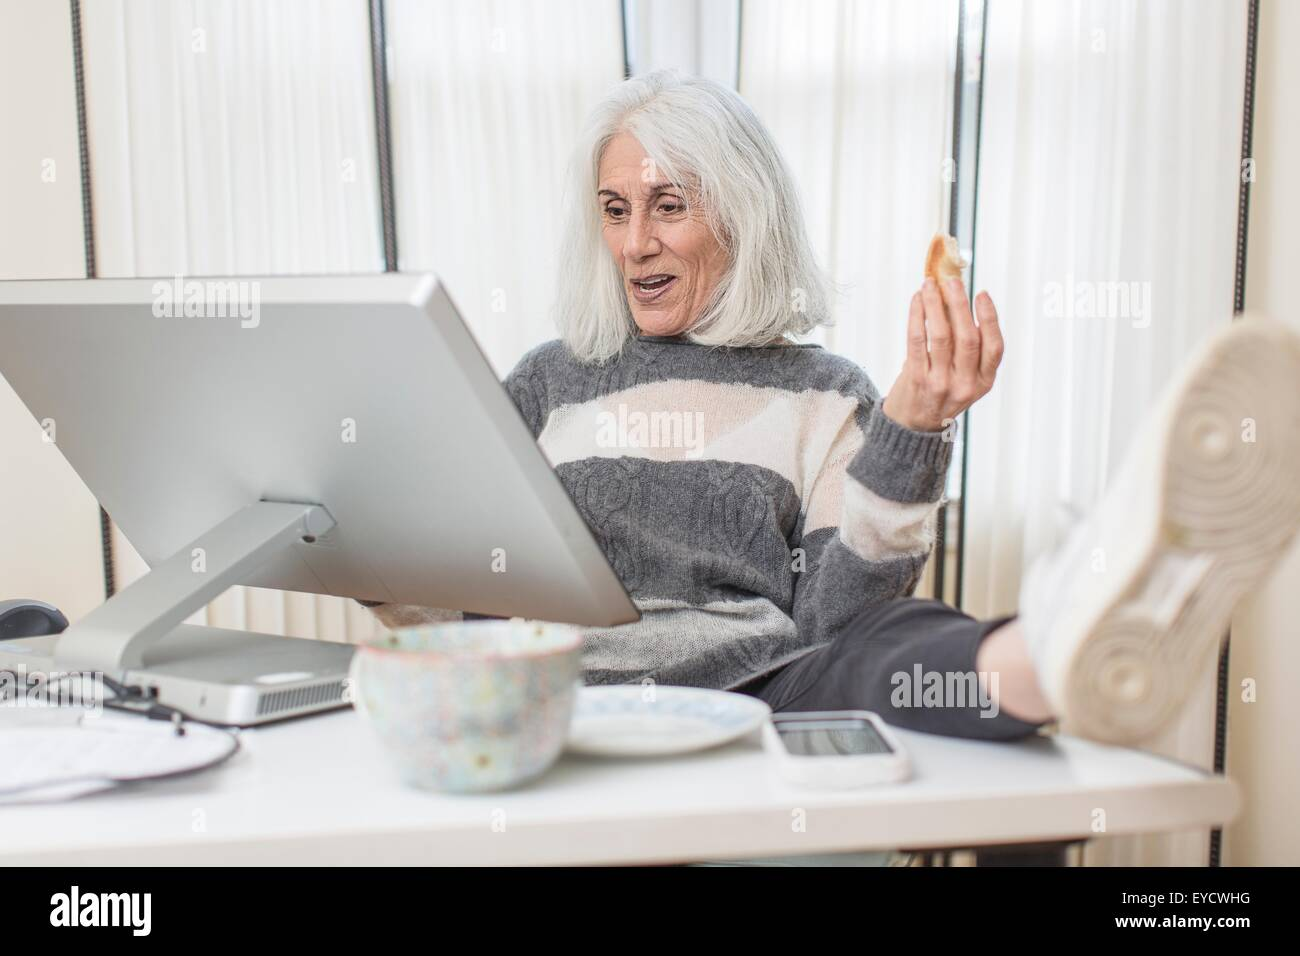 Ritratto di donna senior seduti al computer con il piede sulla scrivania Immagini Stock